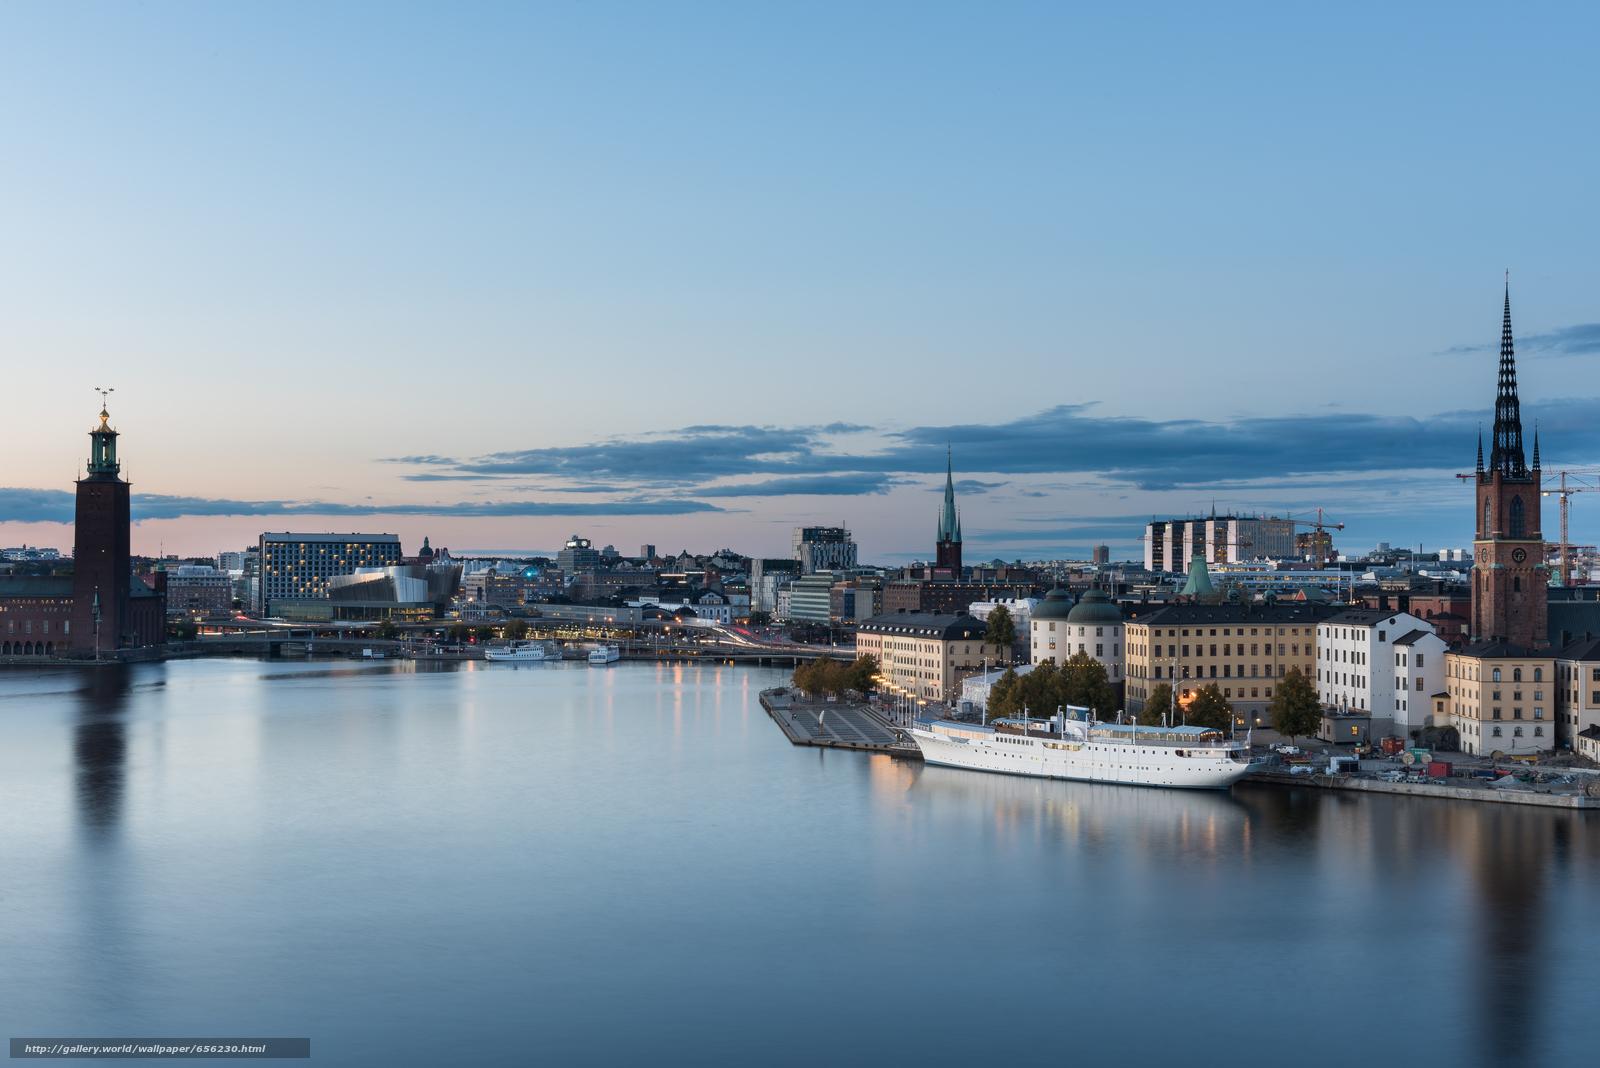 壁紙をダウンロード ストックホルム,  スウェーデン,  都市 デスクトップの解像度のための無料壁紙 7360x4912 — 絵 №656230